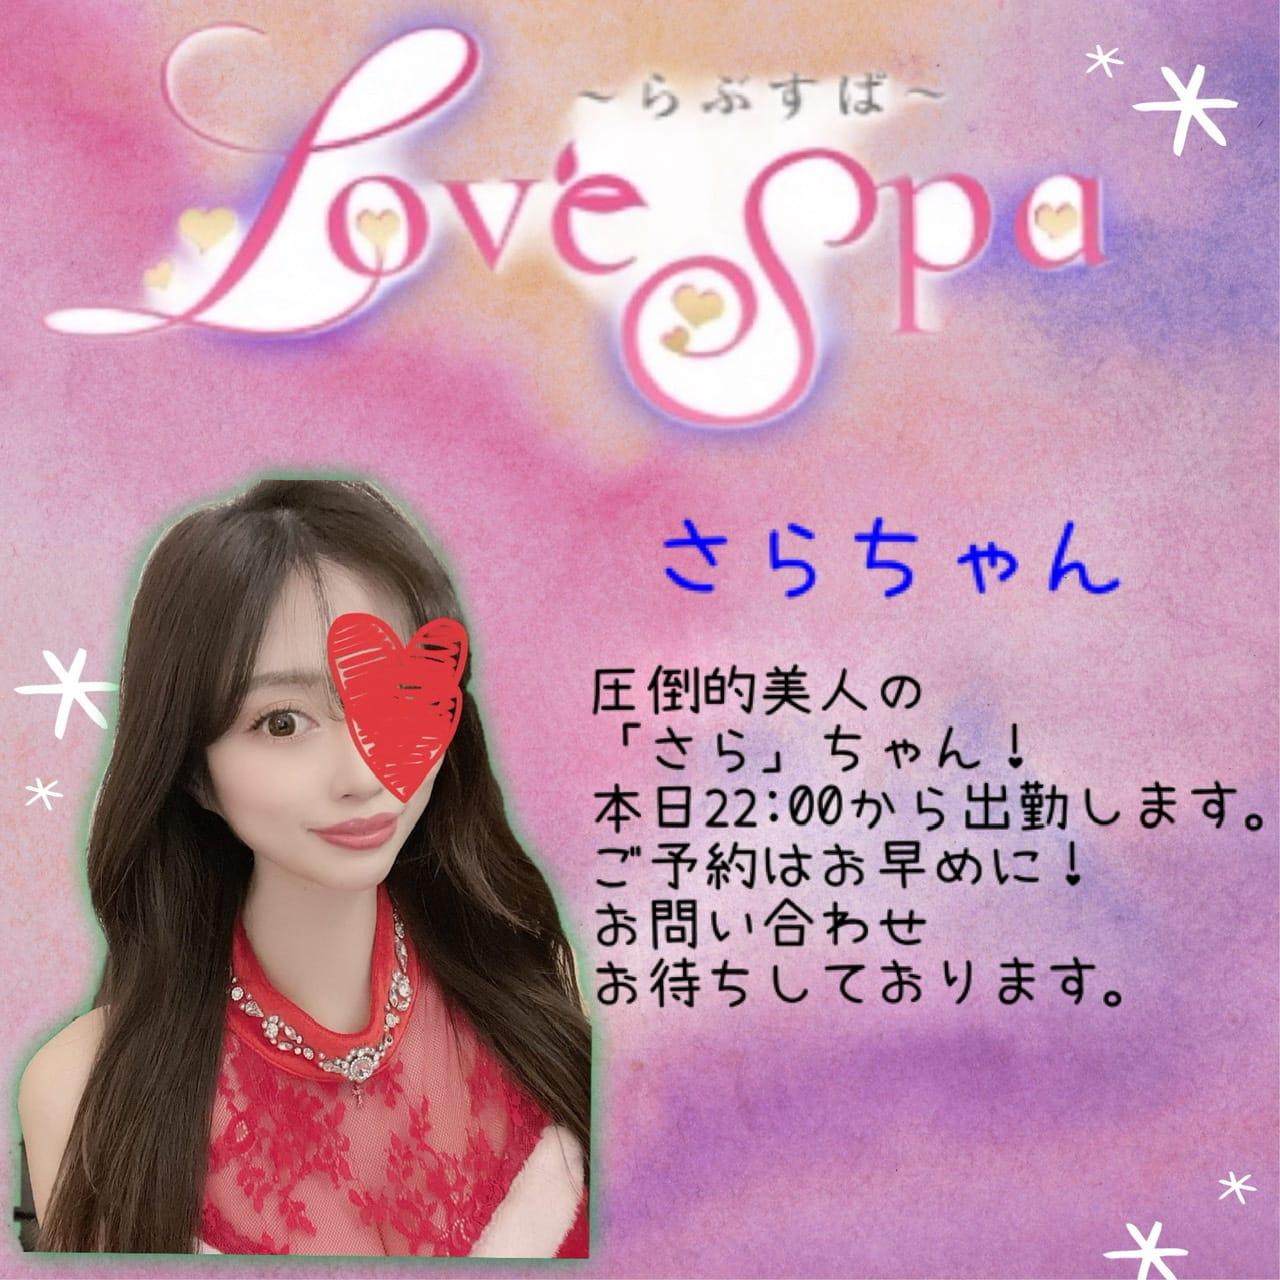 「本日さらちゃん出勤!!」07/21(水) 09:58   LoveSpa ~ラブスパ~の写メ日記